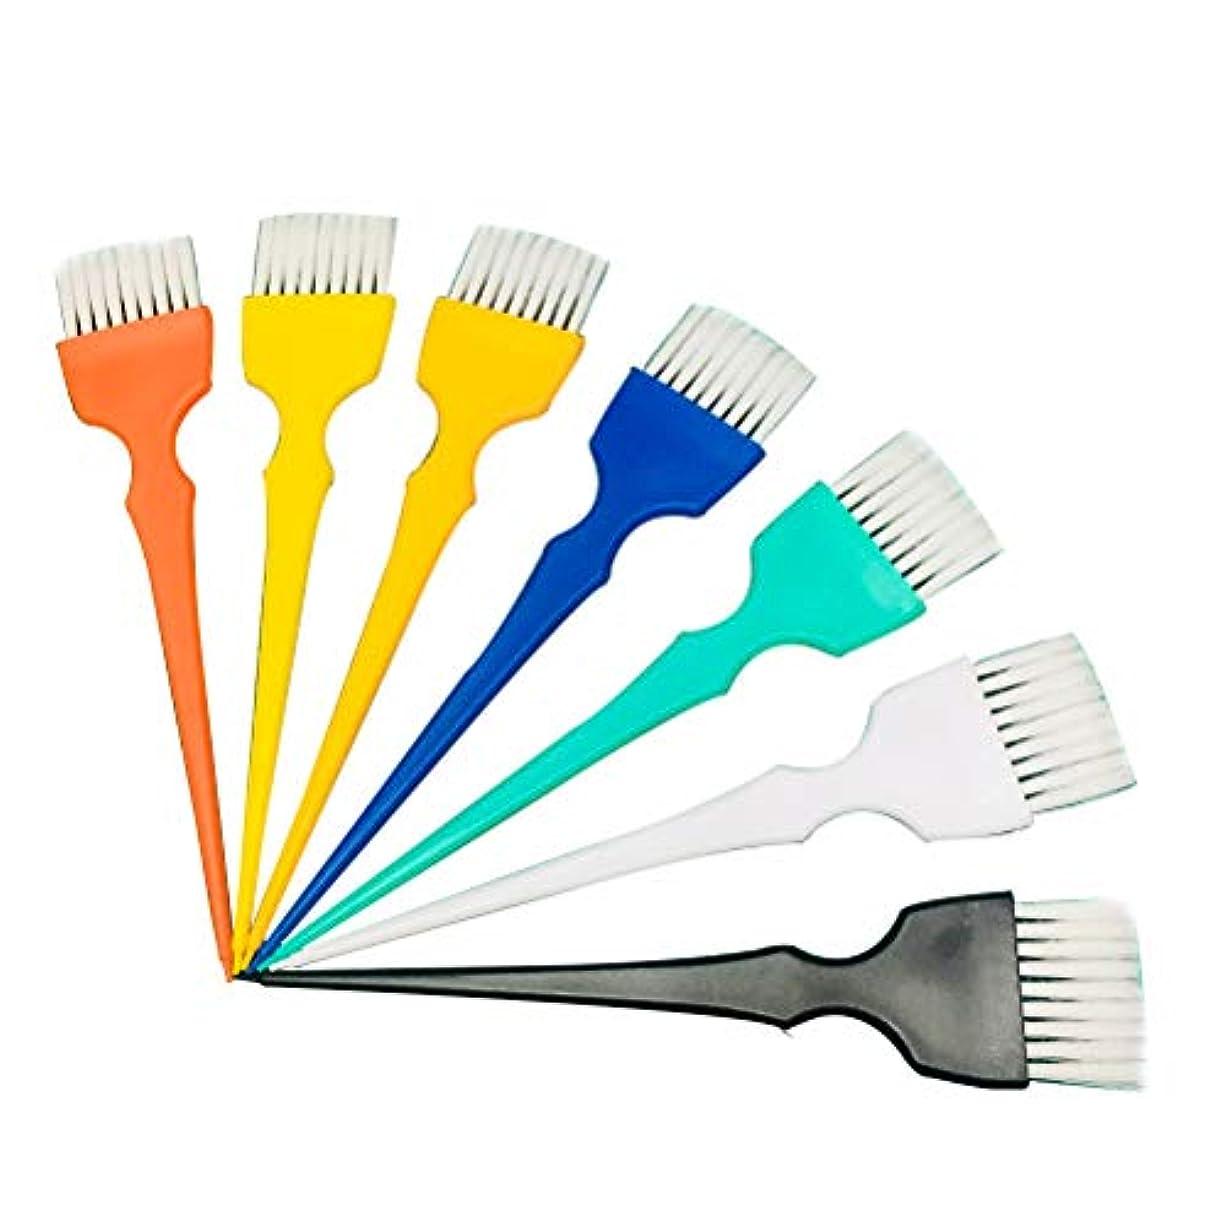 例示する共役隠Beaupretty 7本染毛ブラシプラスチックソフトブラシヘアカラーブラシ美容院用(ランダムカラー)